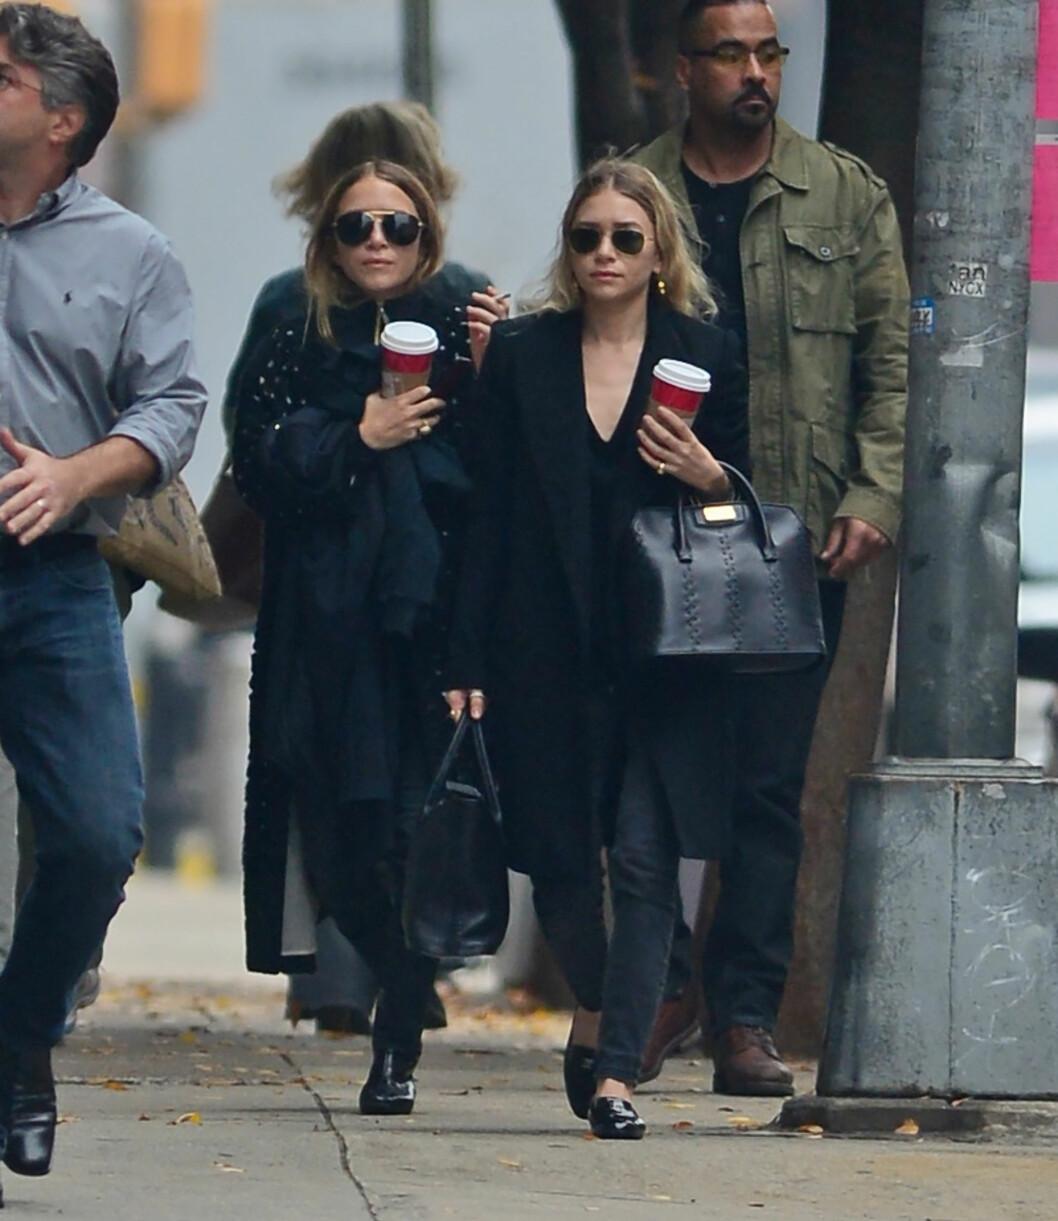 I kjent stil var tvillingene å se med en kaffekopp i hånden på vei mellom møter i New Yorks gater. Foto: All Over